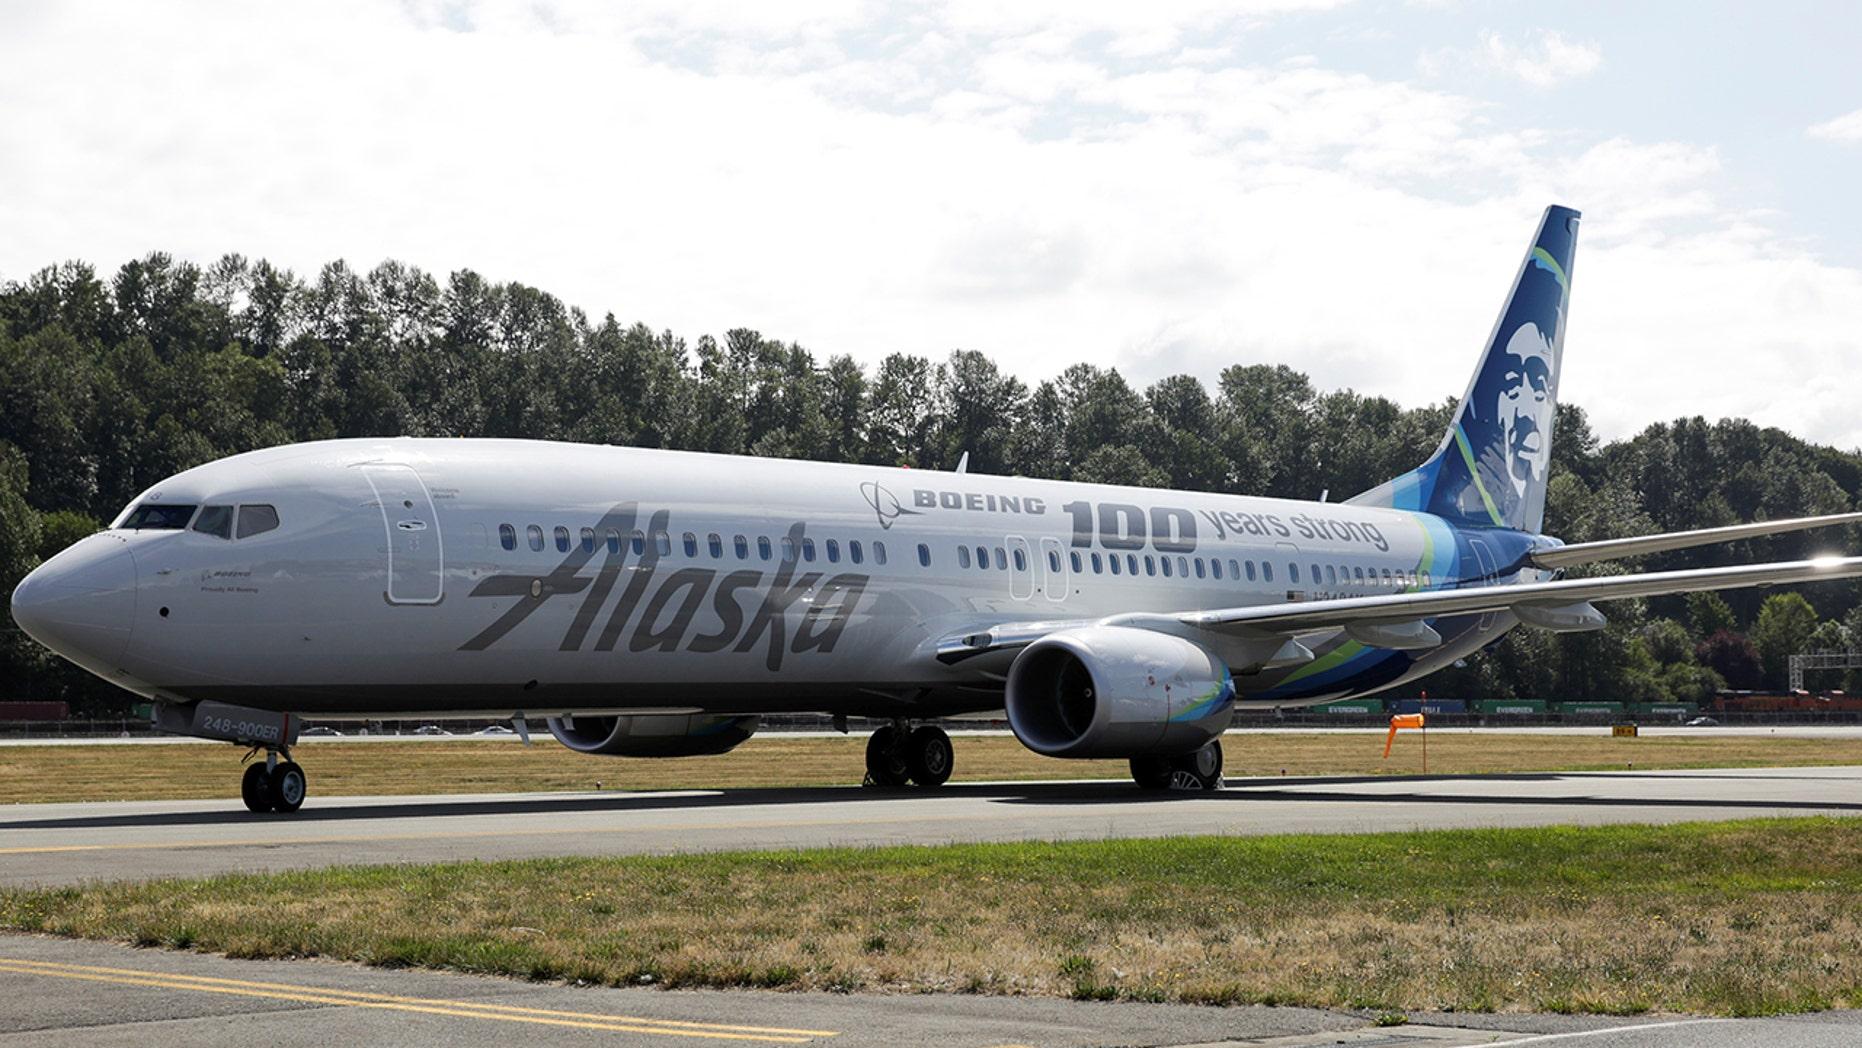 An Alaska Airlines flight declared an emergency after an oil filter bypass light came on mid-flight.